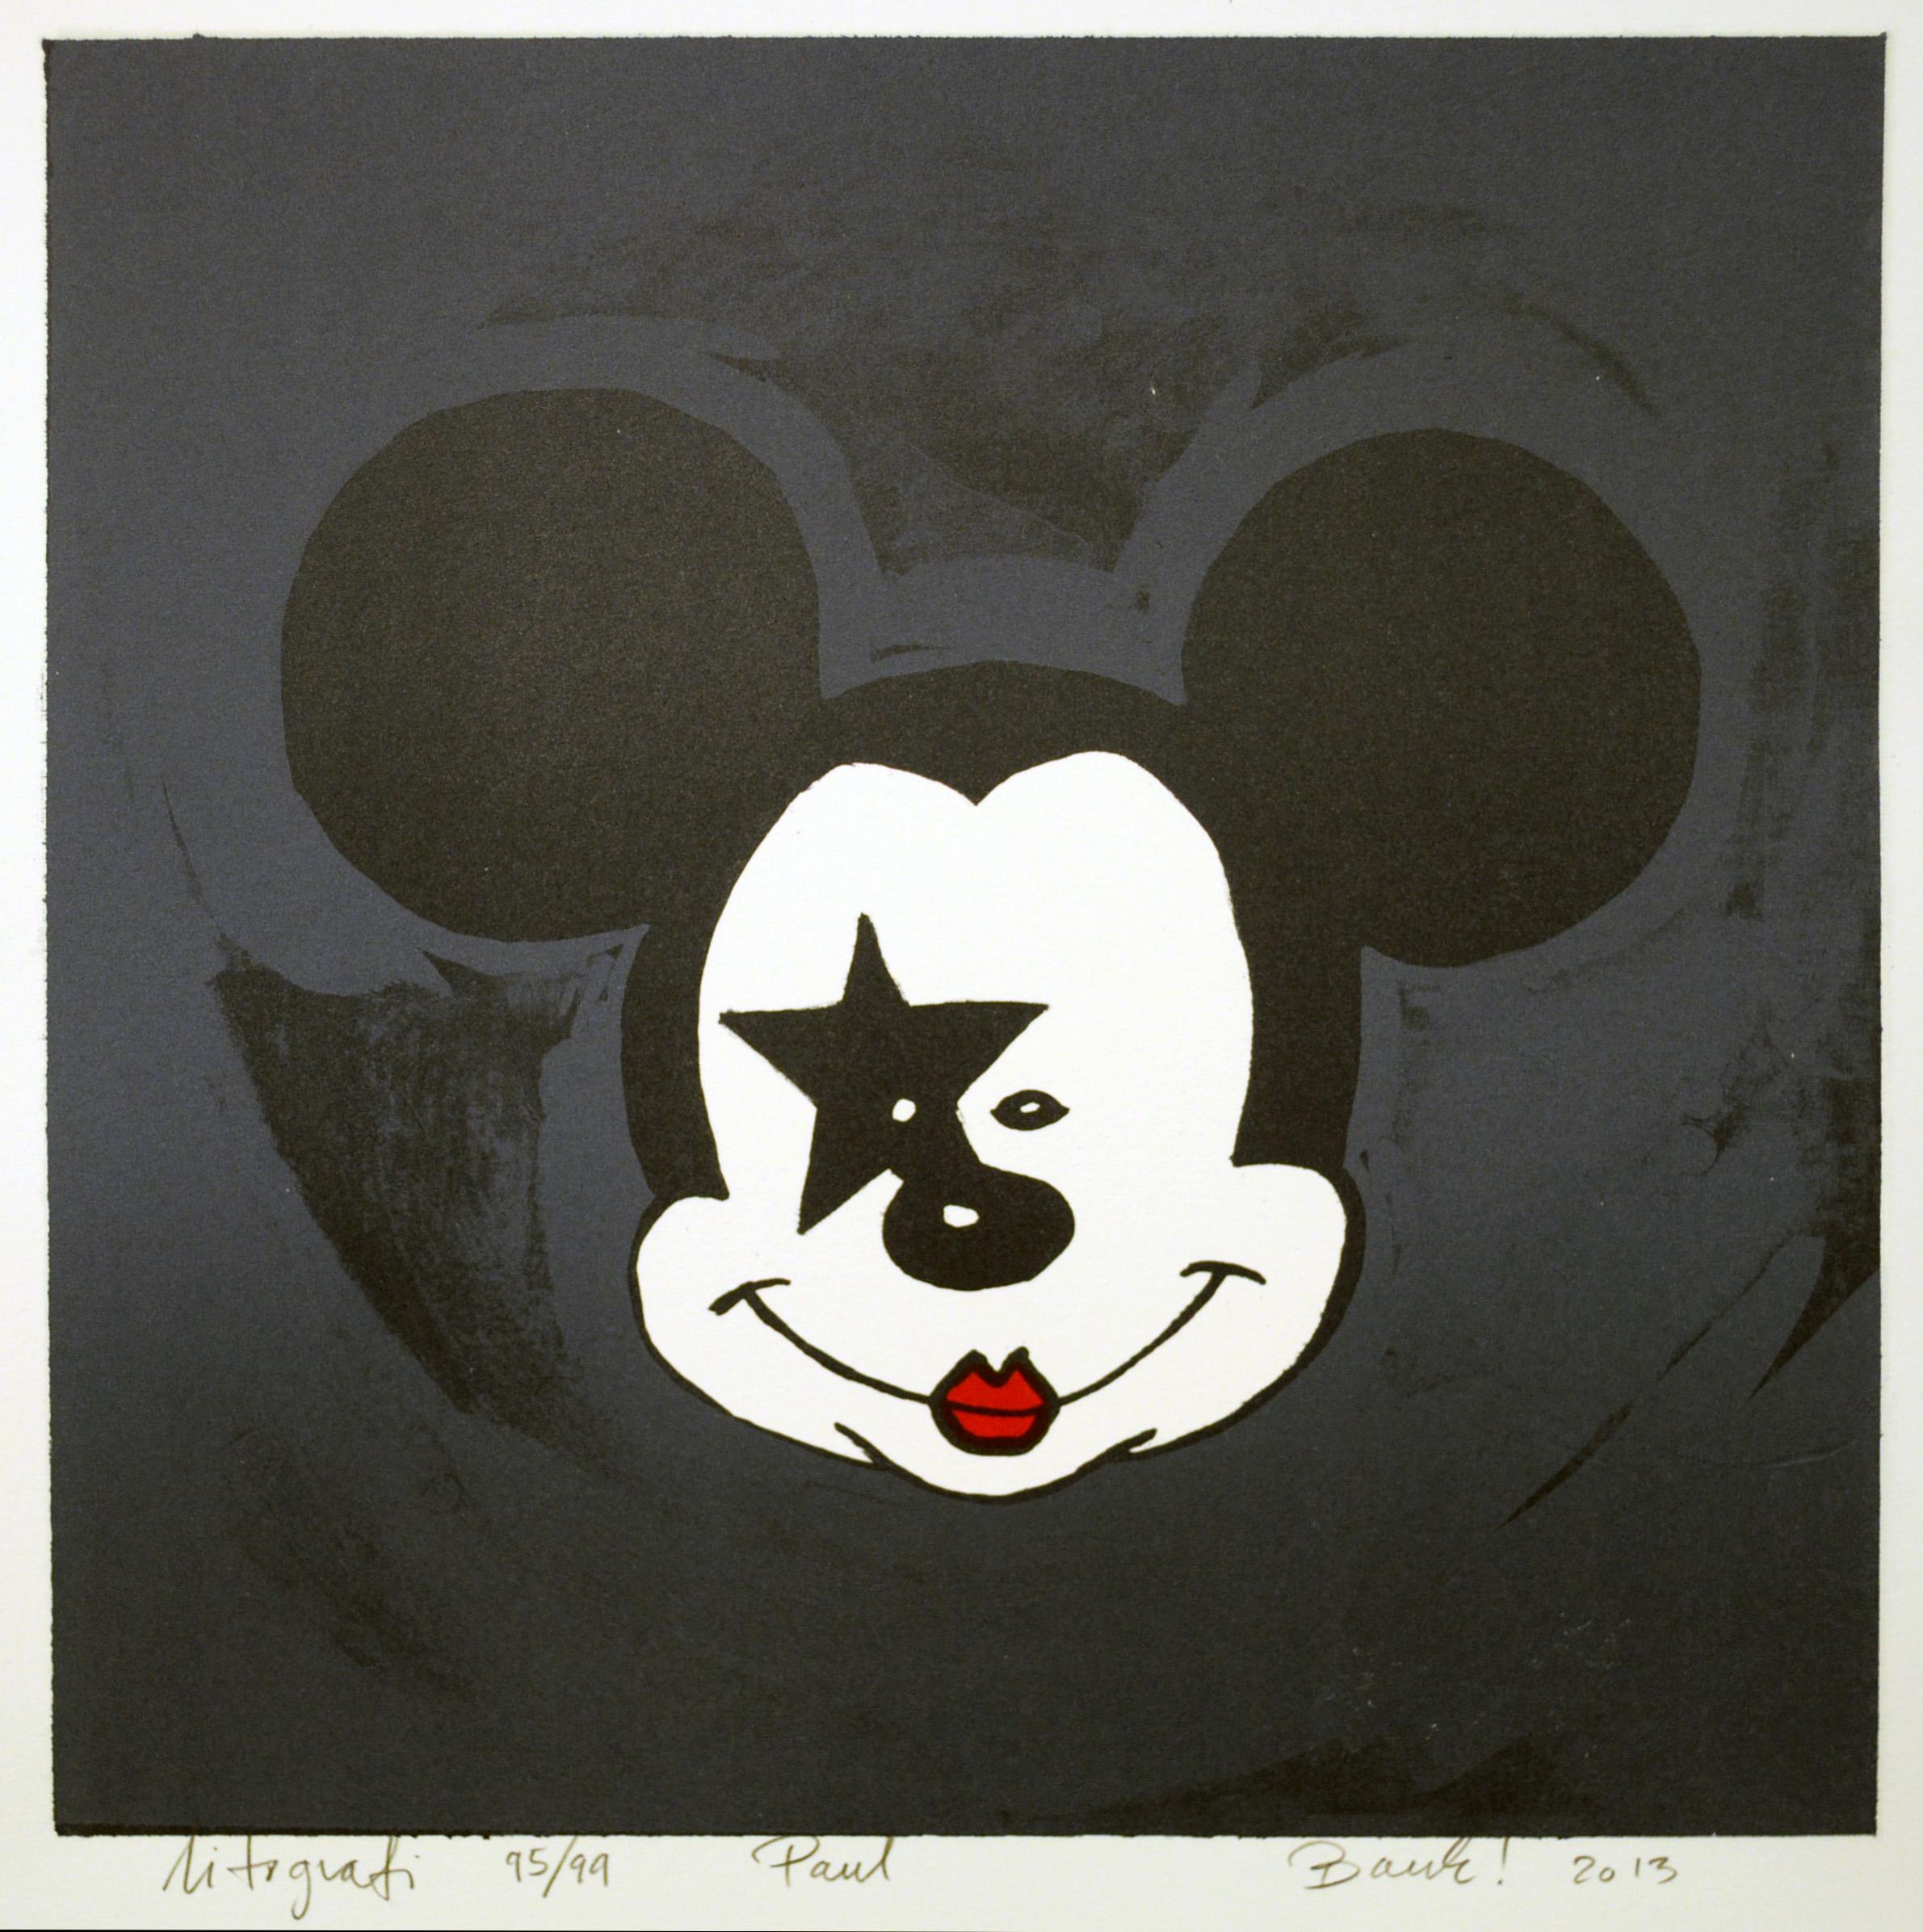 Kiss a mouse (Paul)